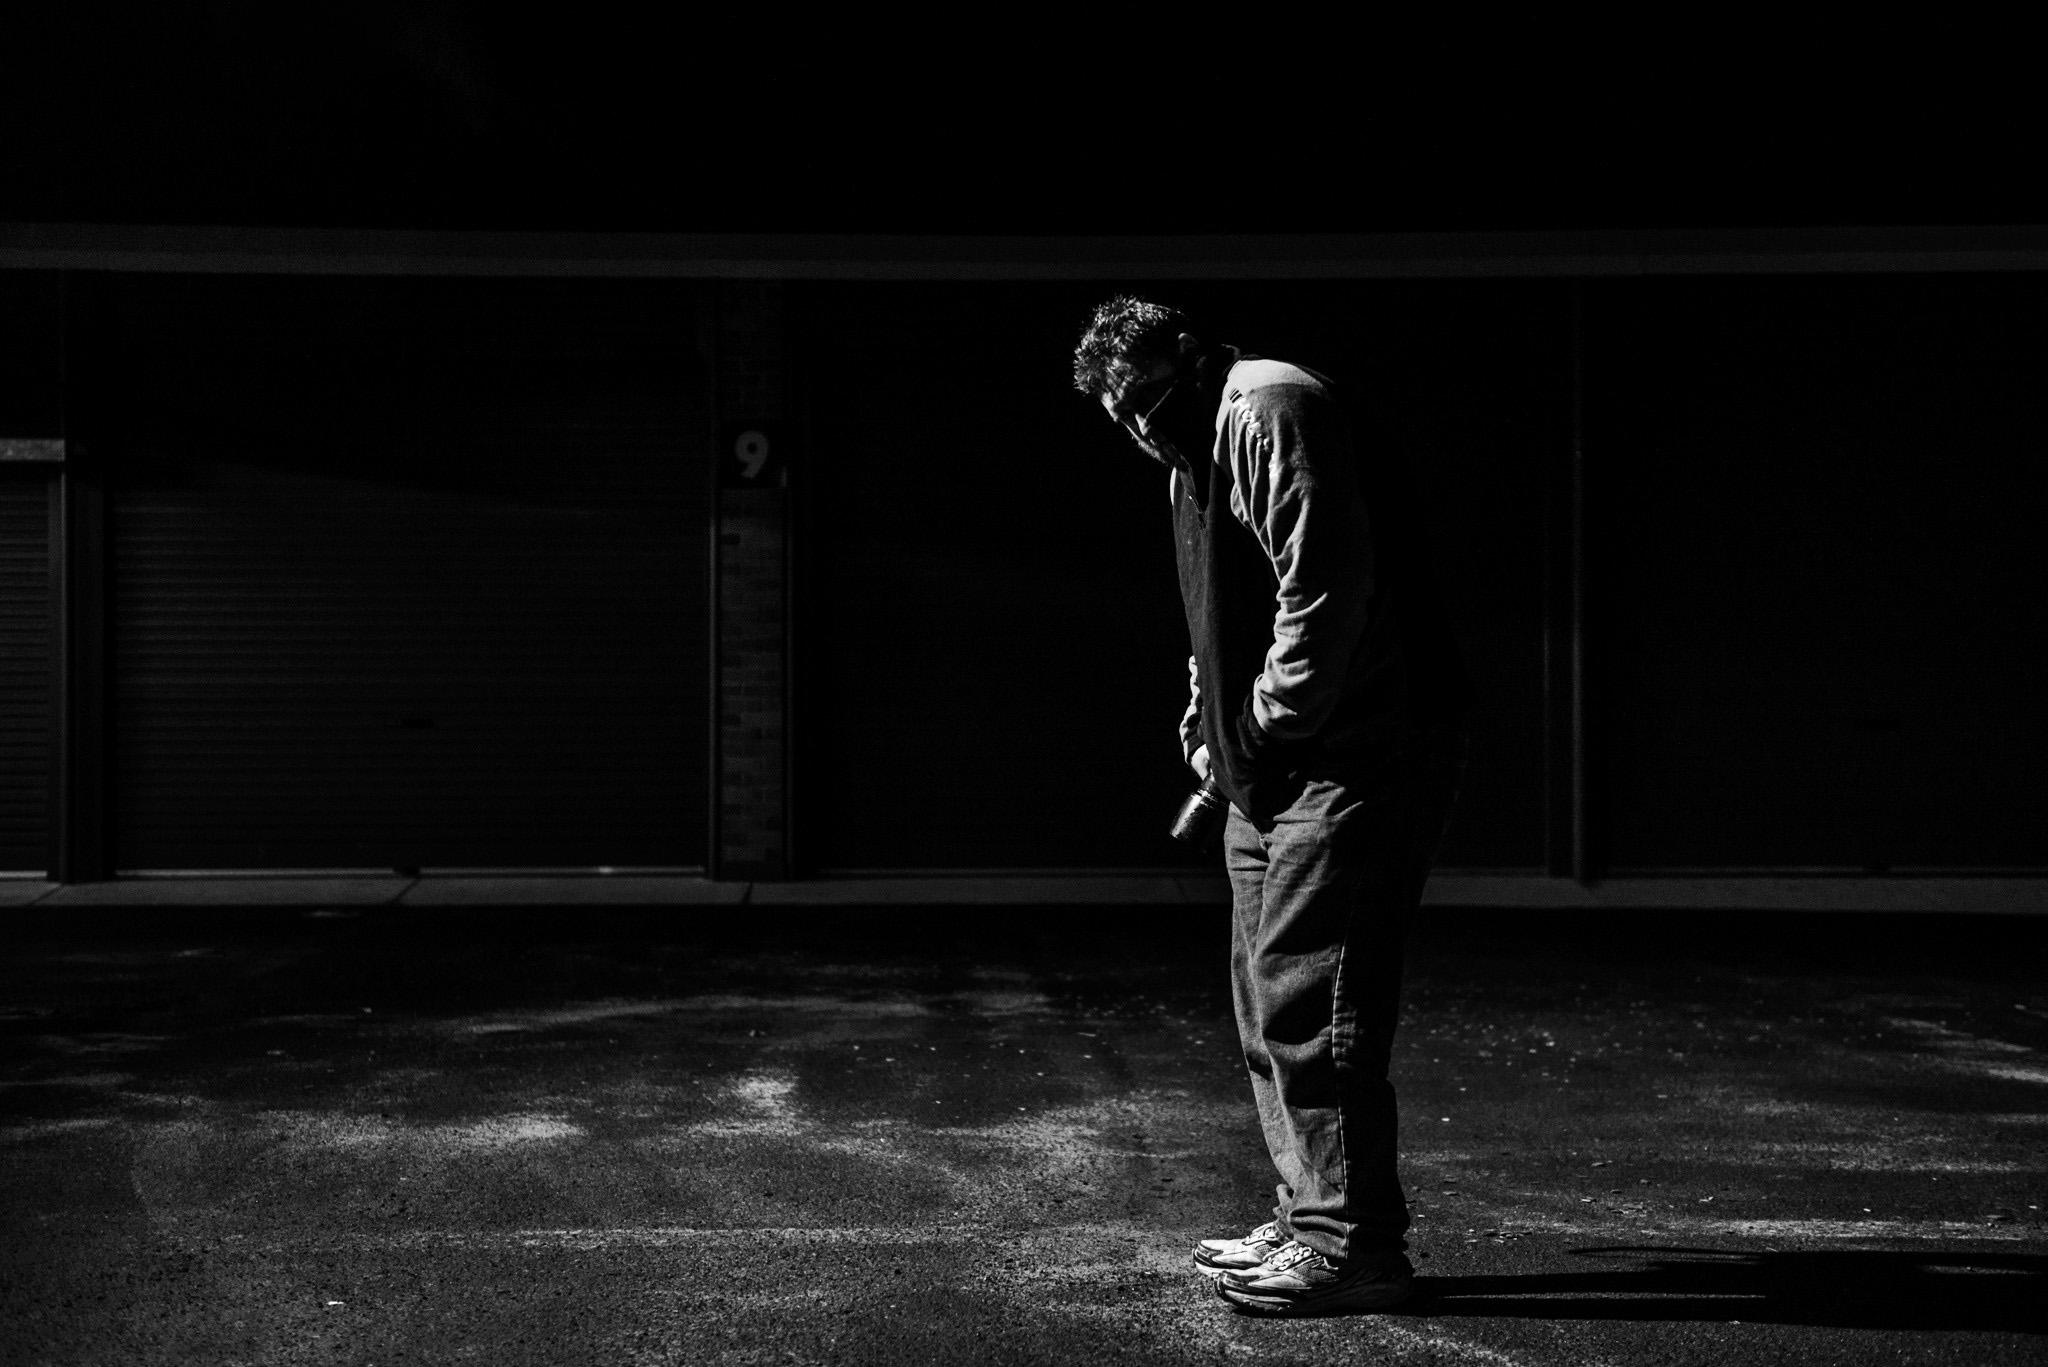 Lone street figure